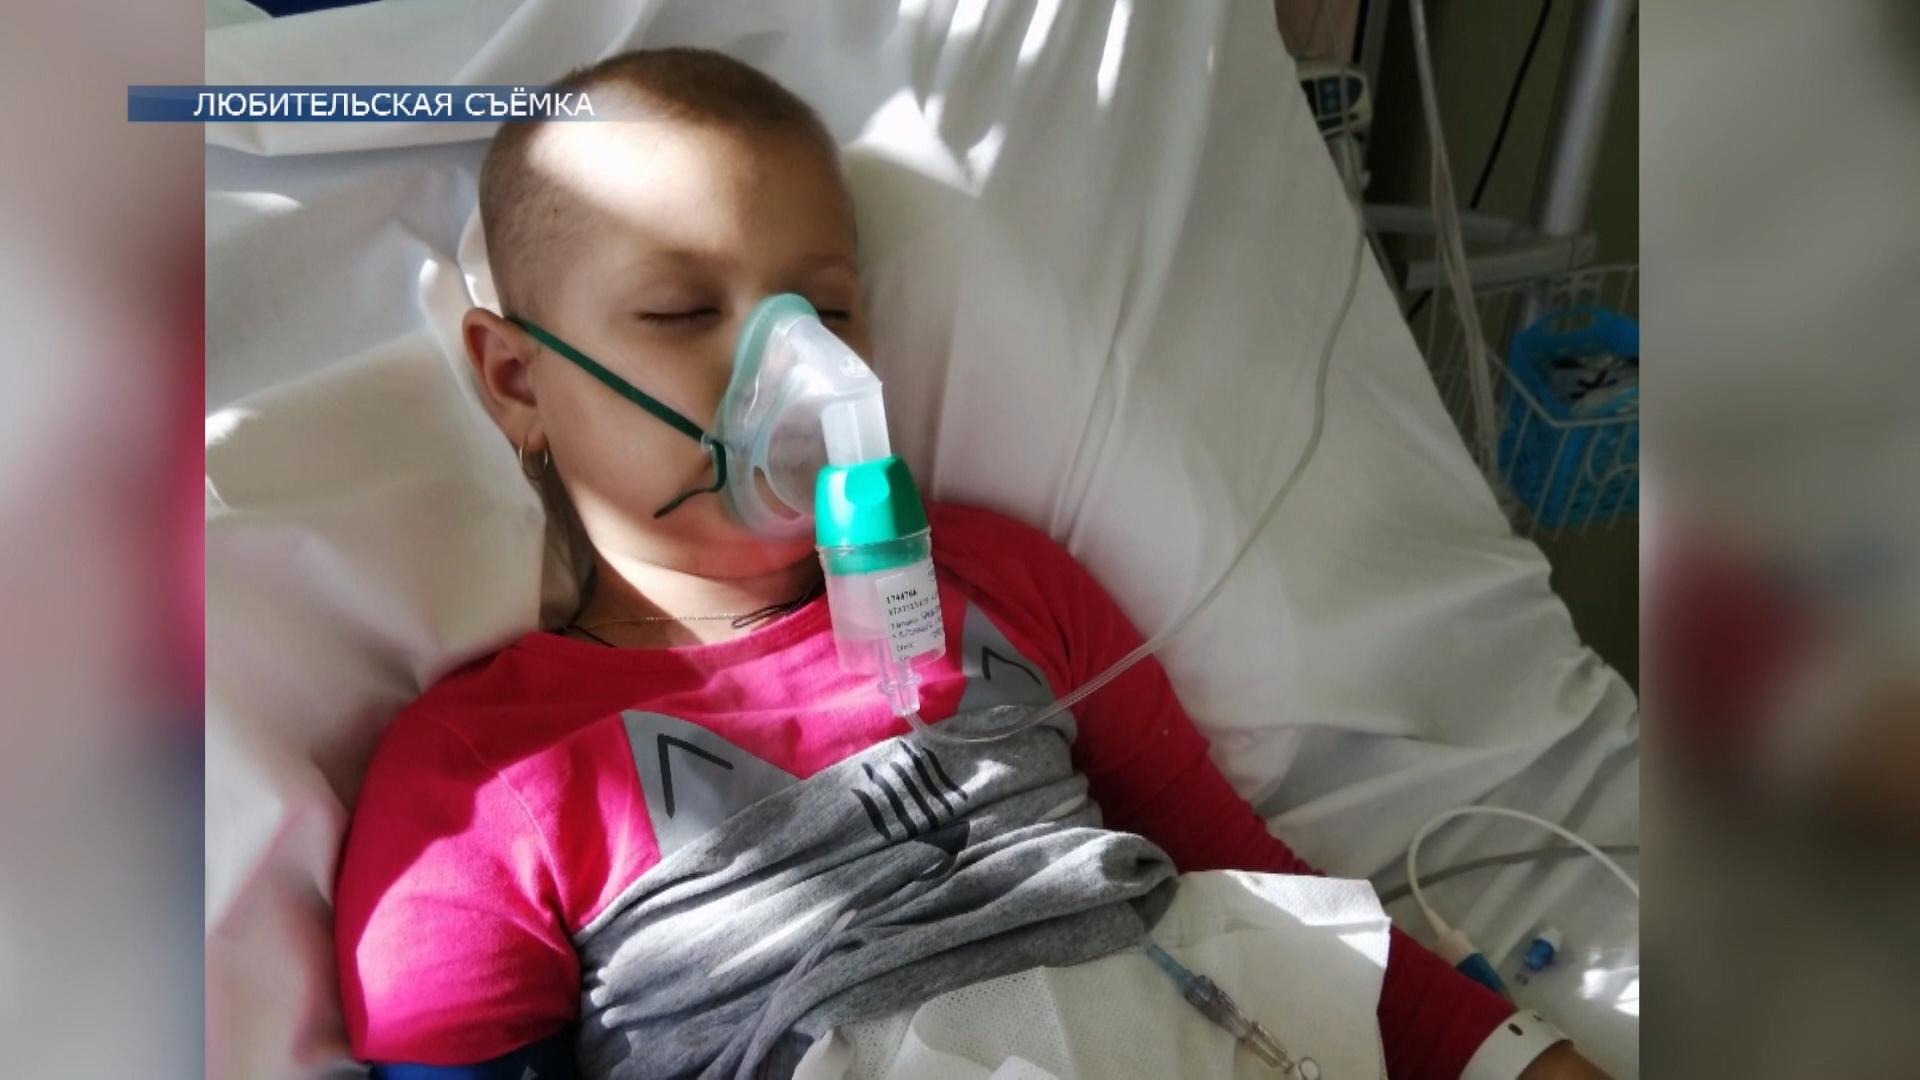 Восьмилетняя Алена Стацевич продолжает лечение в Испании.